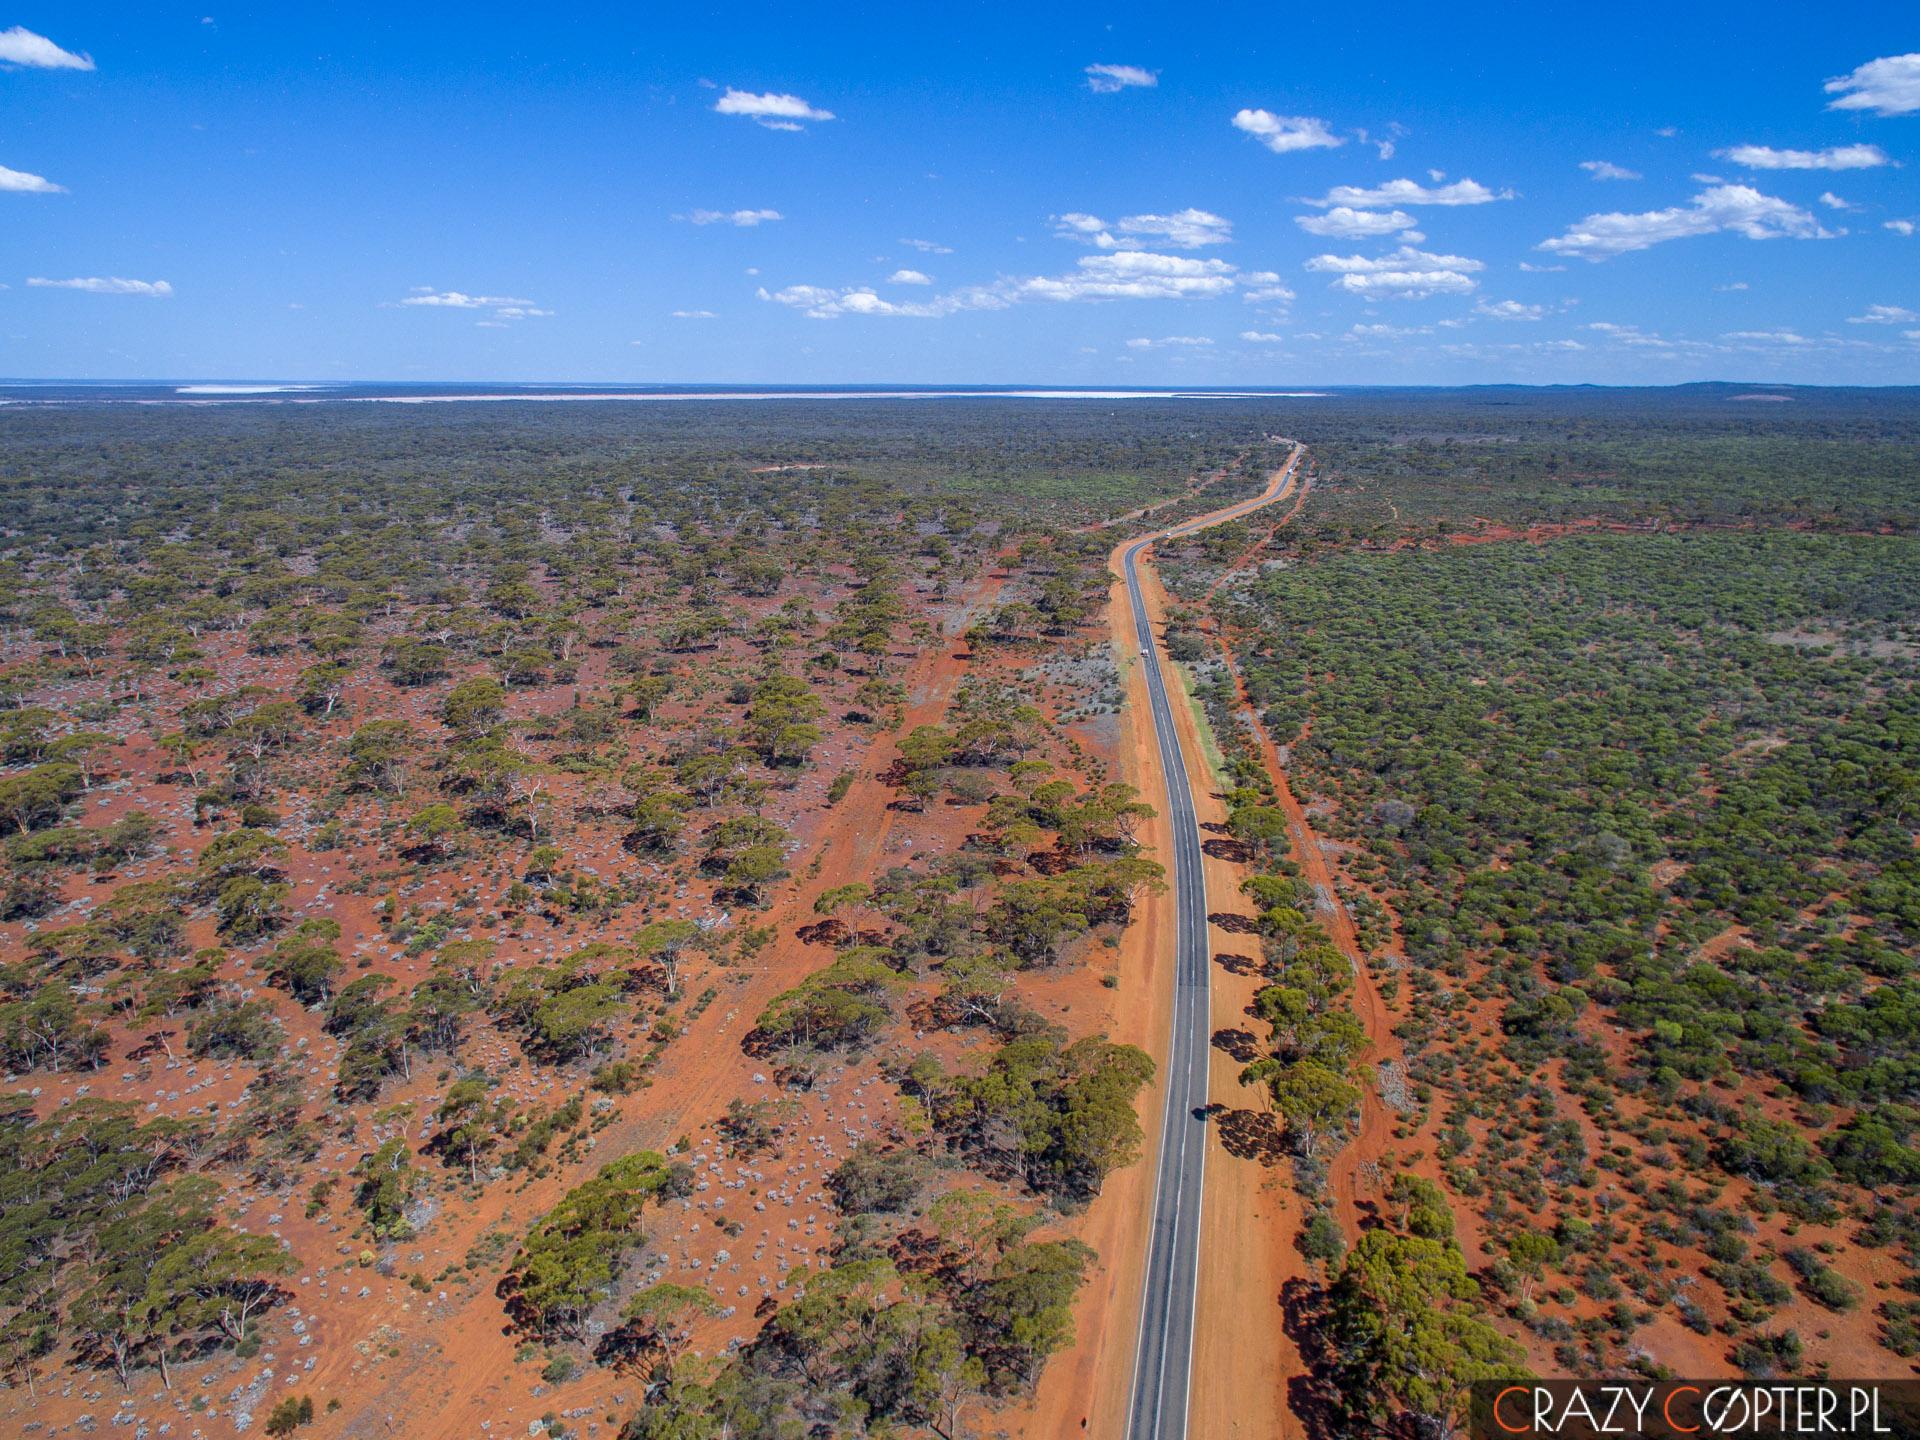 Zdjęcie zdrona, Nullarbor, Australia,